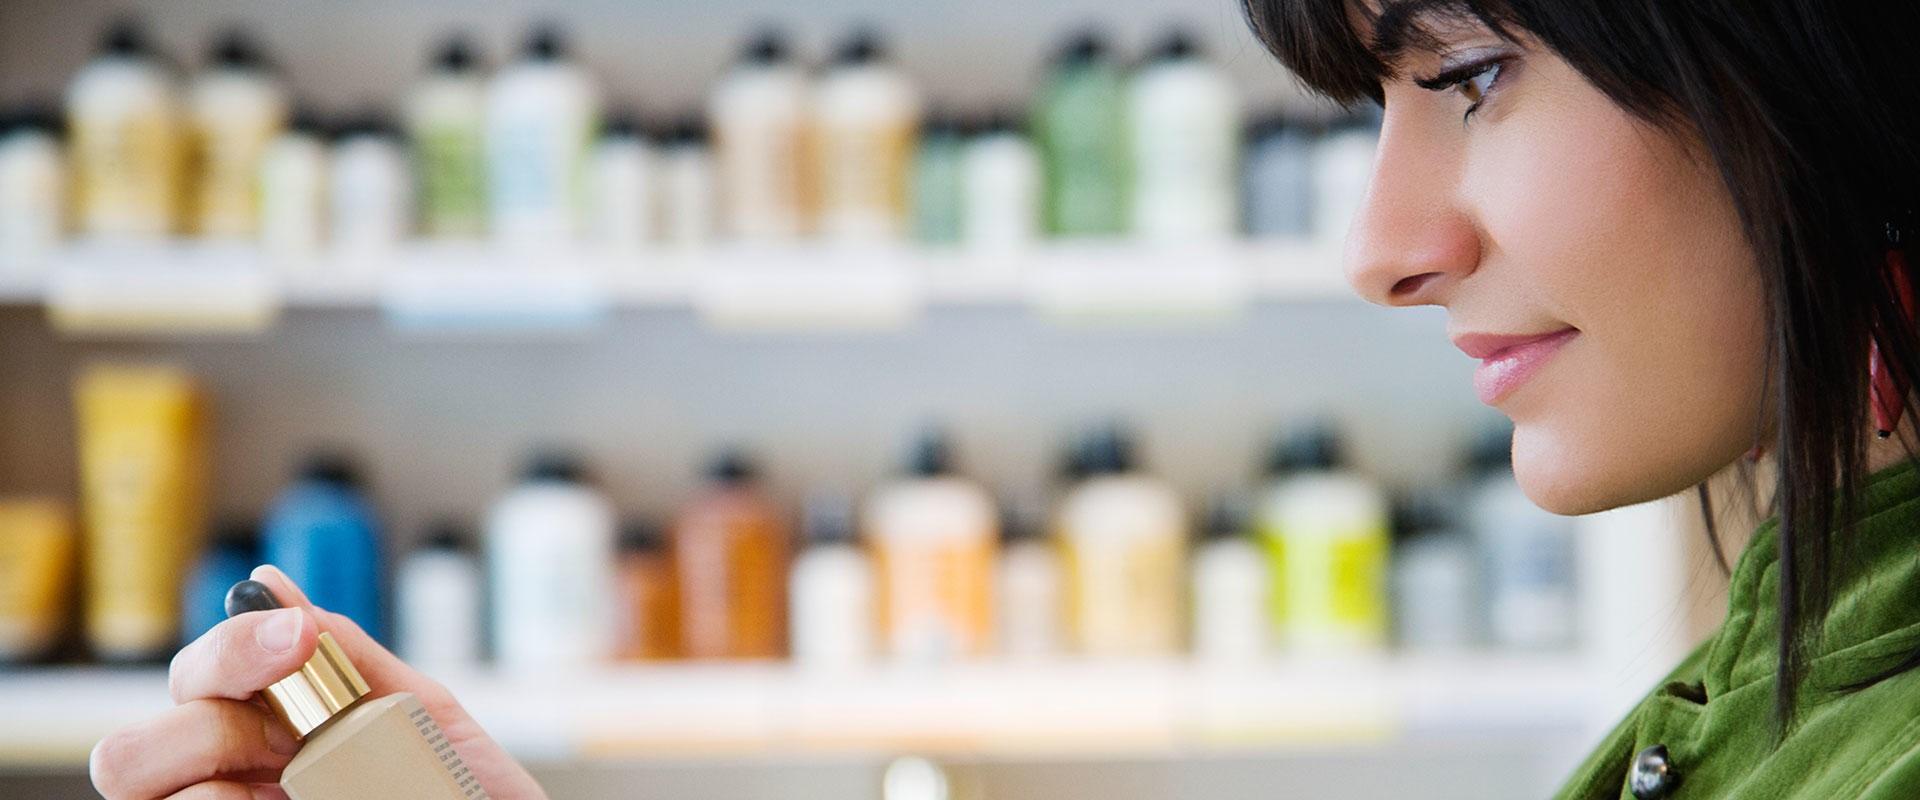 Ingredientes prohibidos en la cosmética natural